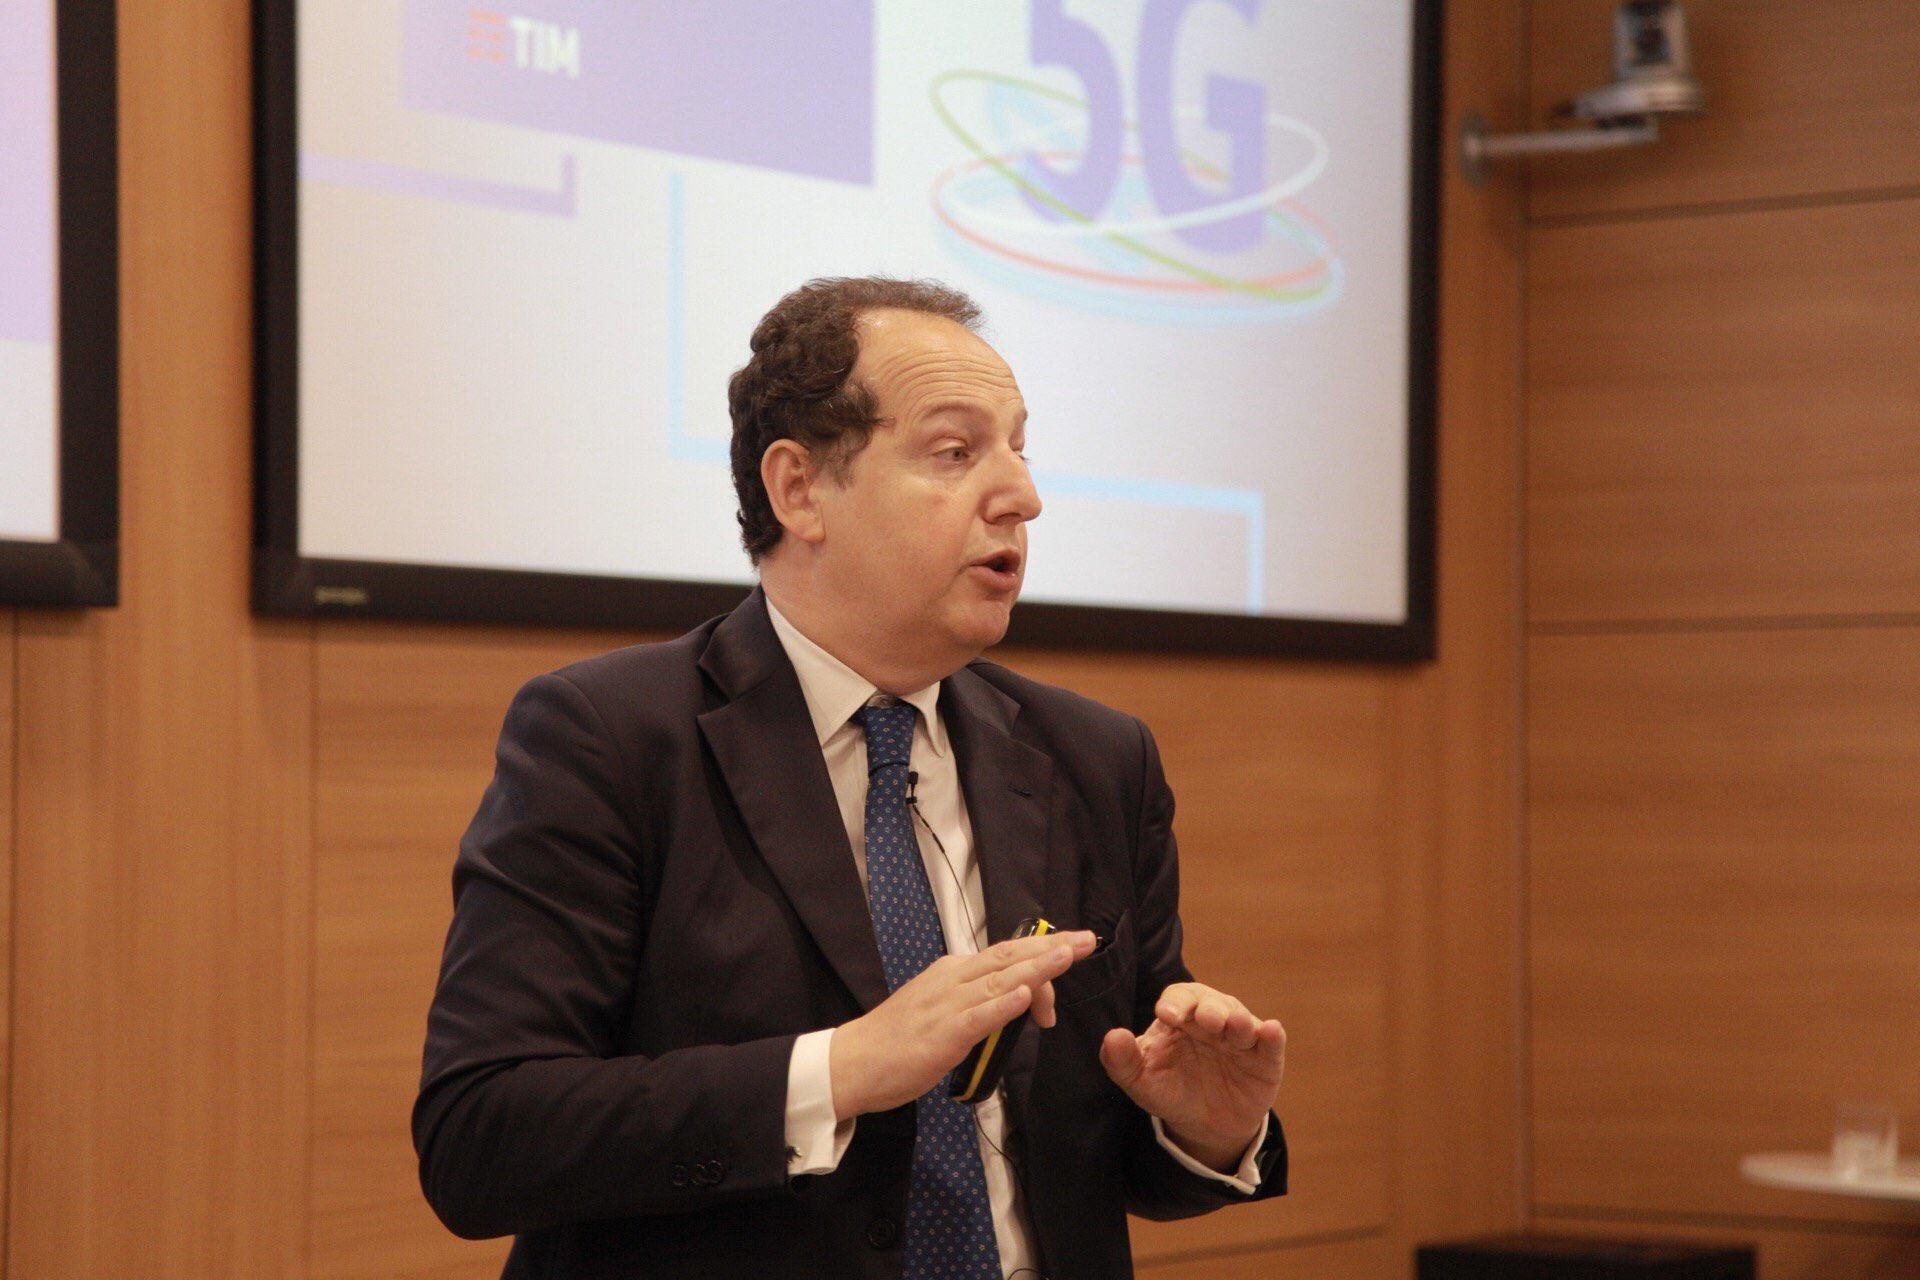 Tim investe nel 5G: entro l'anno verrà acceso in 50 distretti industriali